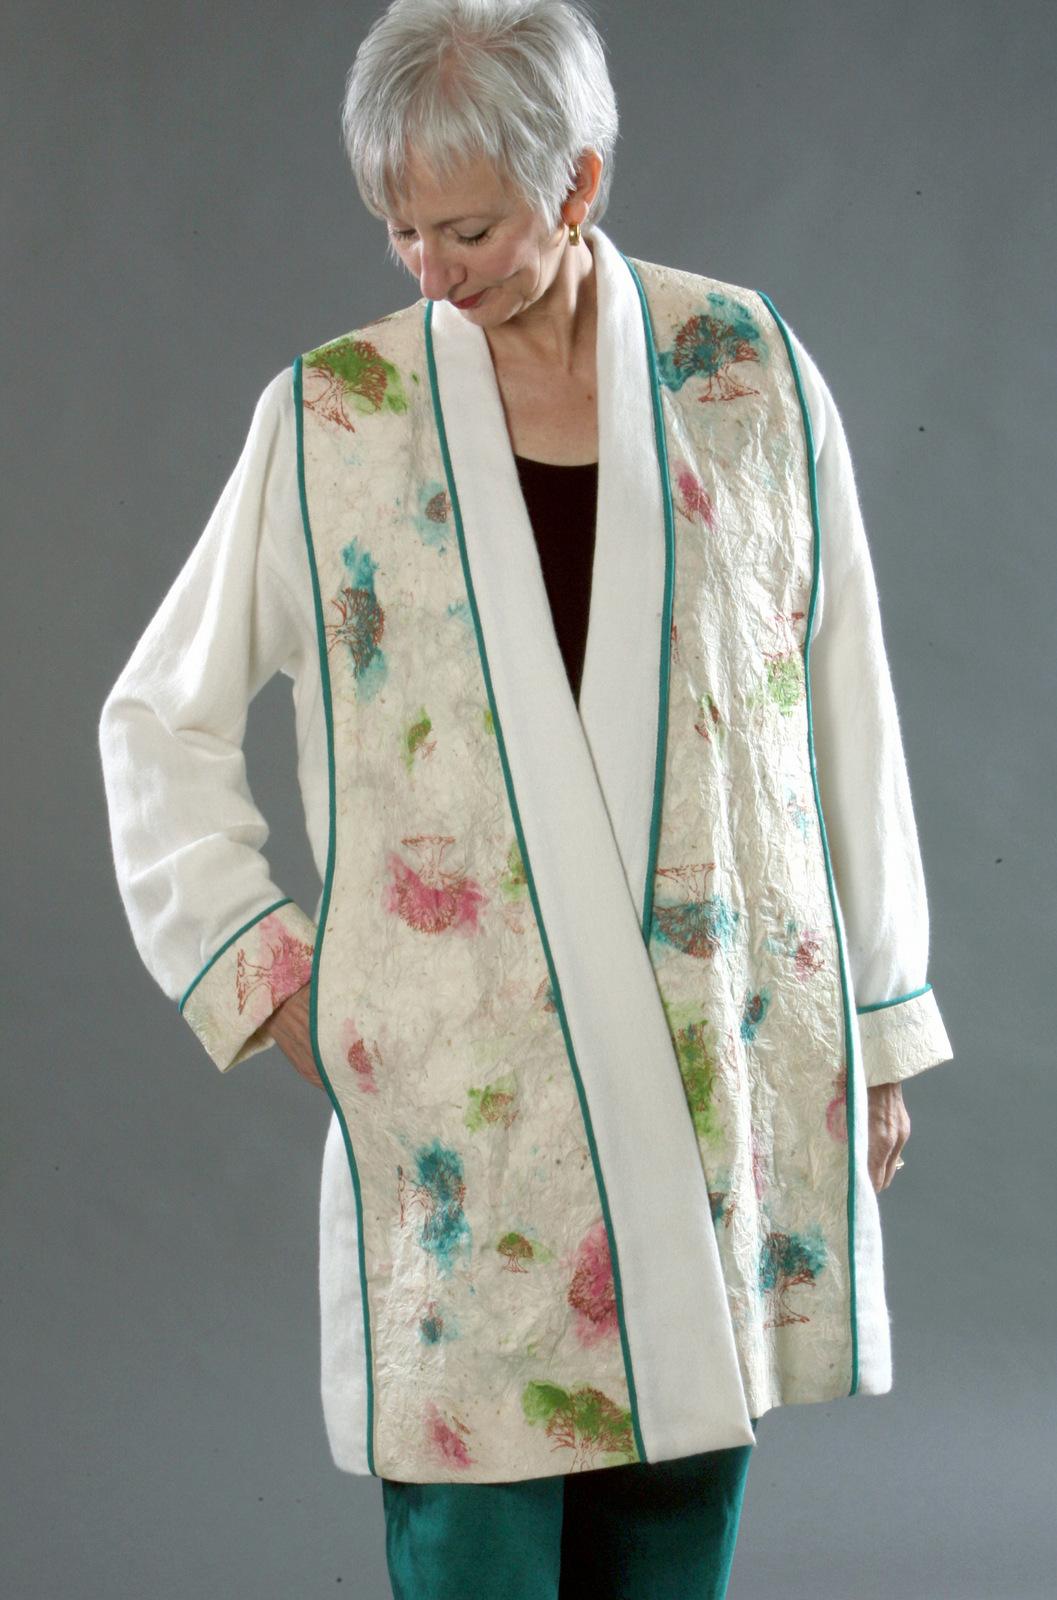 Liz Spear Handwoven, Wearable Art, Art-To-Wear-032.jpg